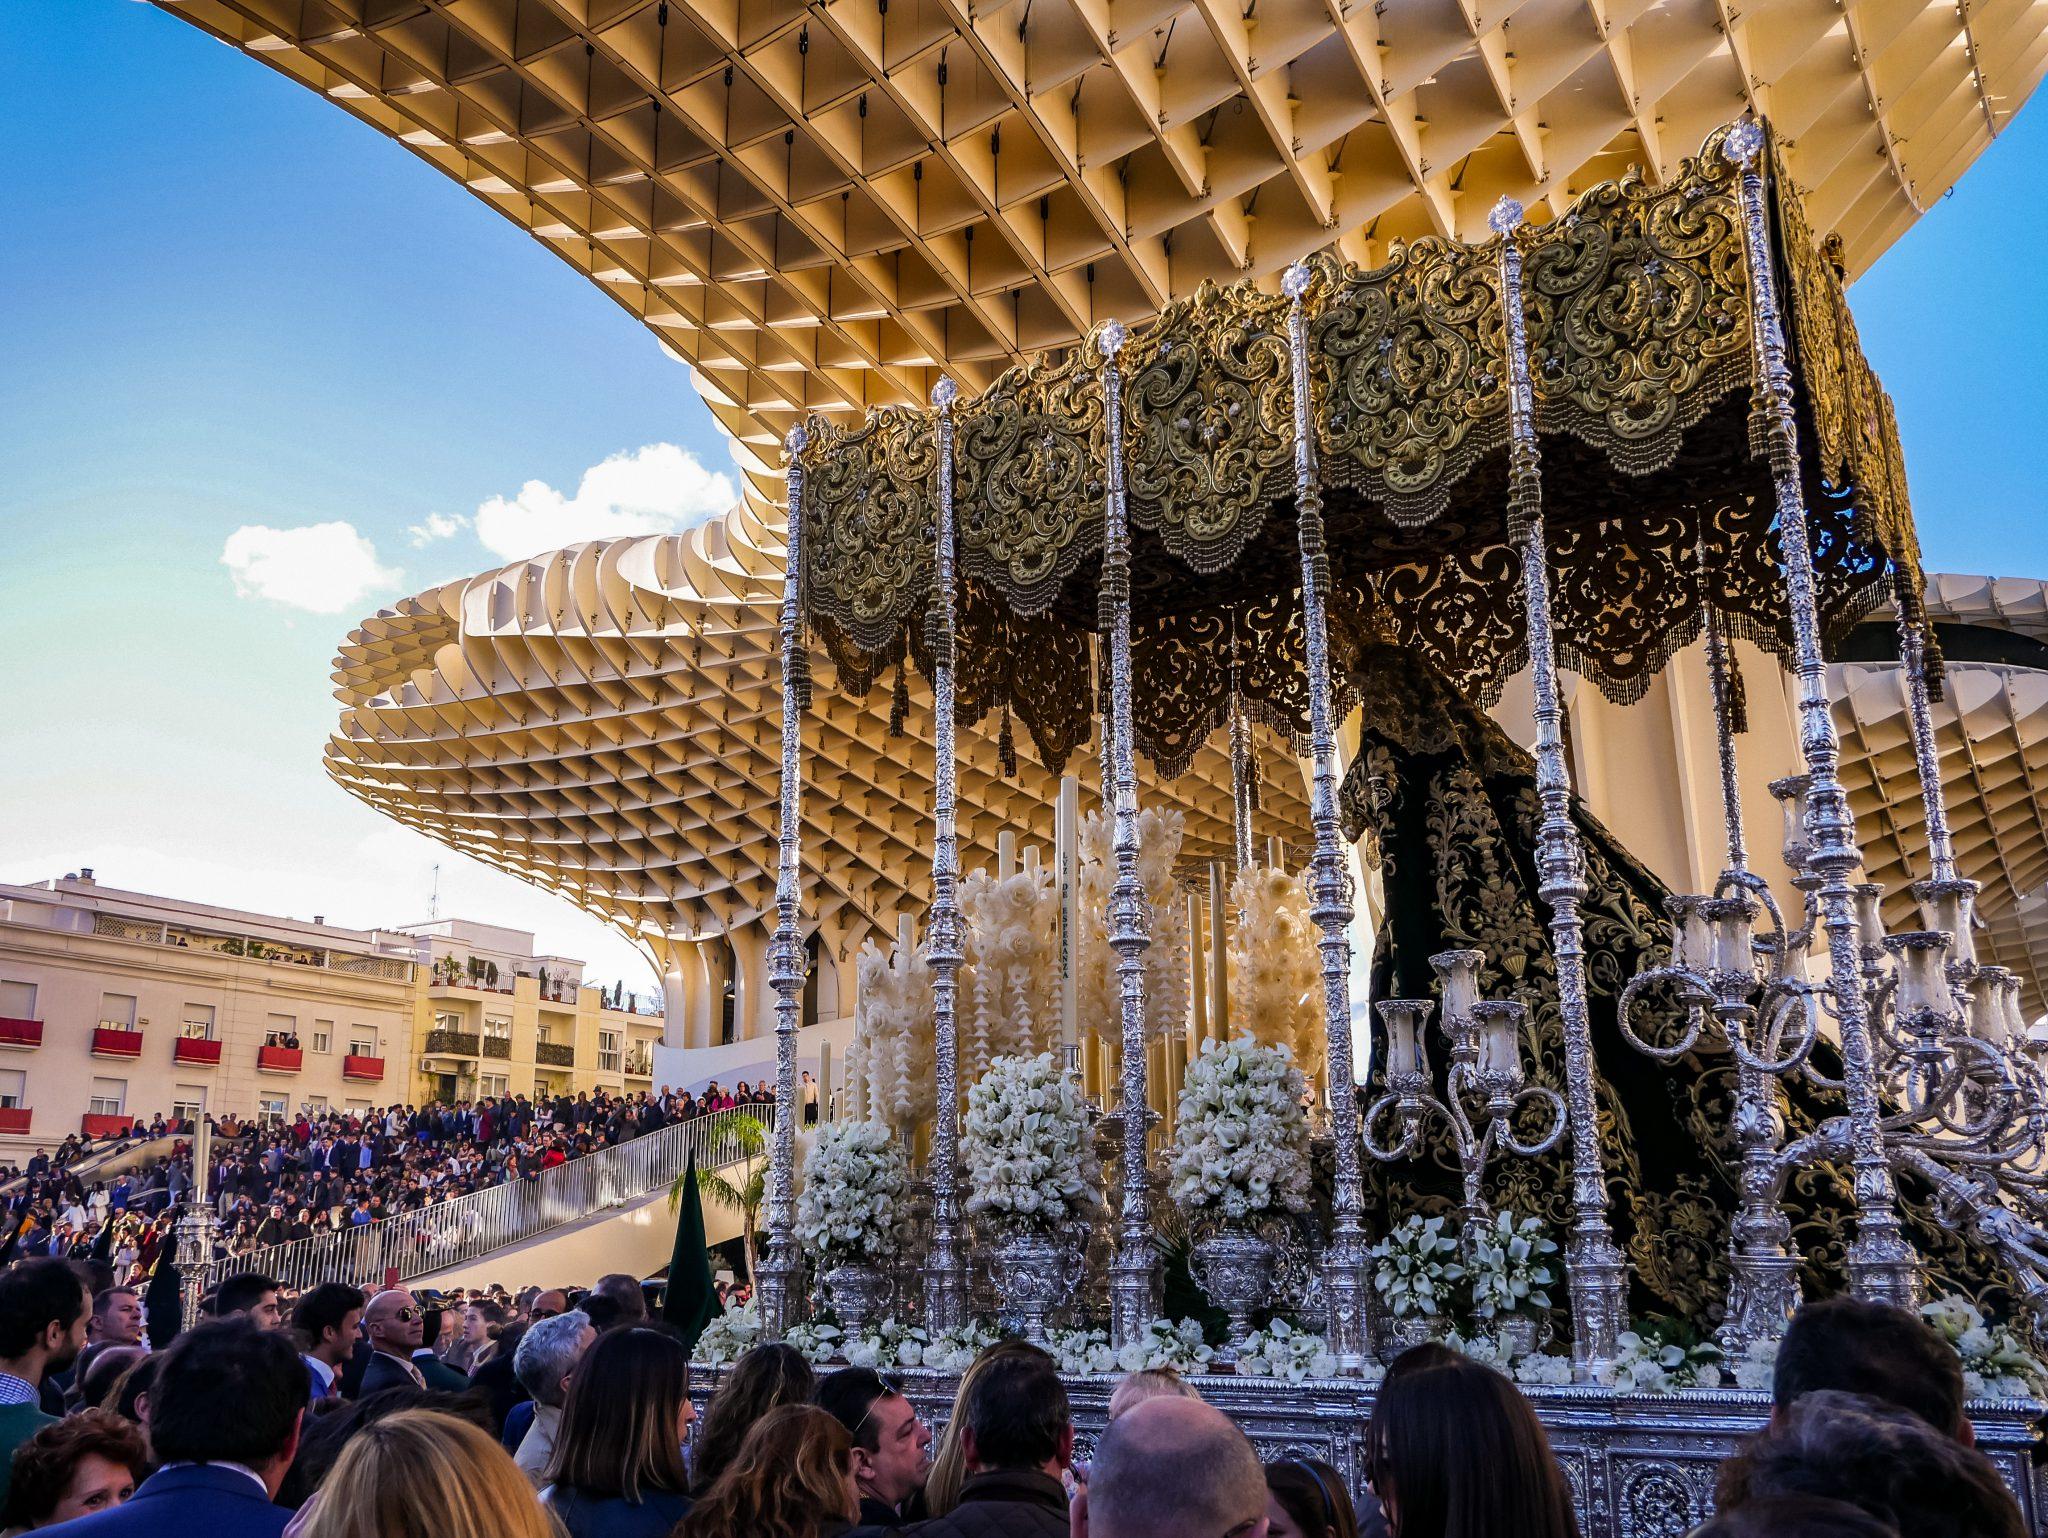 Die Semana Santa in Sevilla ist sehr beliebt.